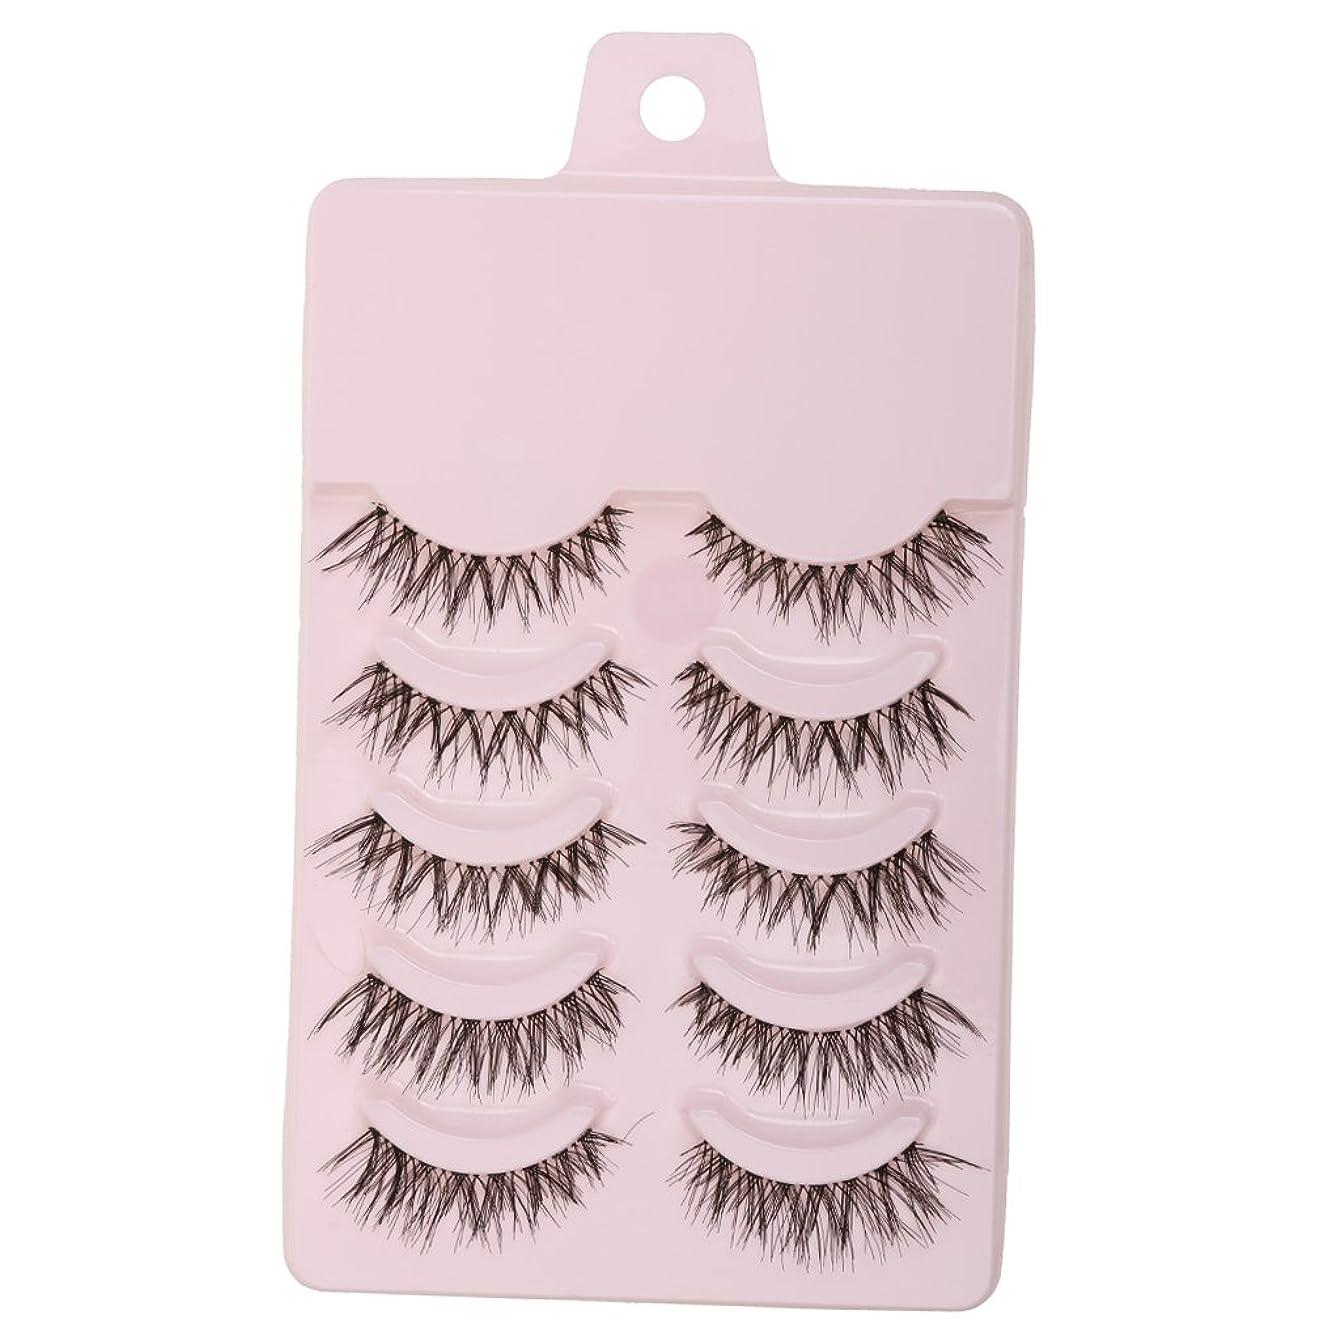 無し責任議論するKOZEEY美容 メイク 手作り メッシー クロス スタイル つけまつげ 5色選ぶ - ピンク